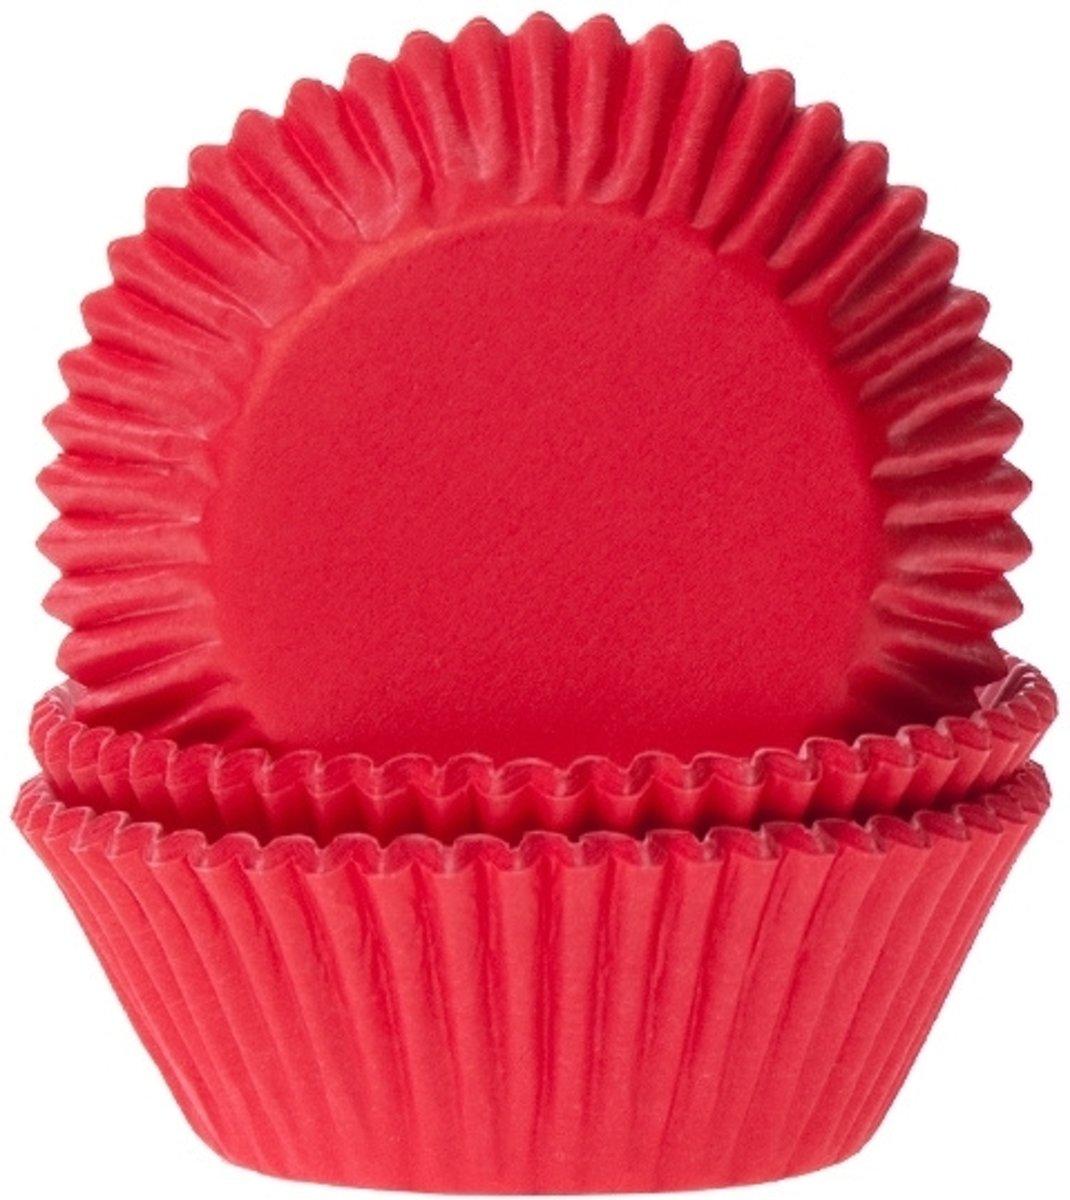 Cupcake Cups Dieprood 50x33mm. 50st. kopen